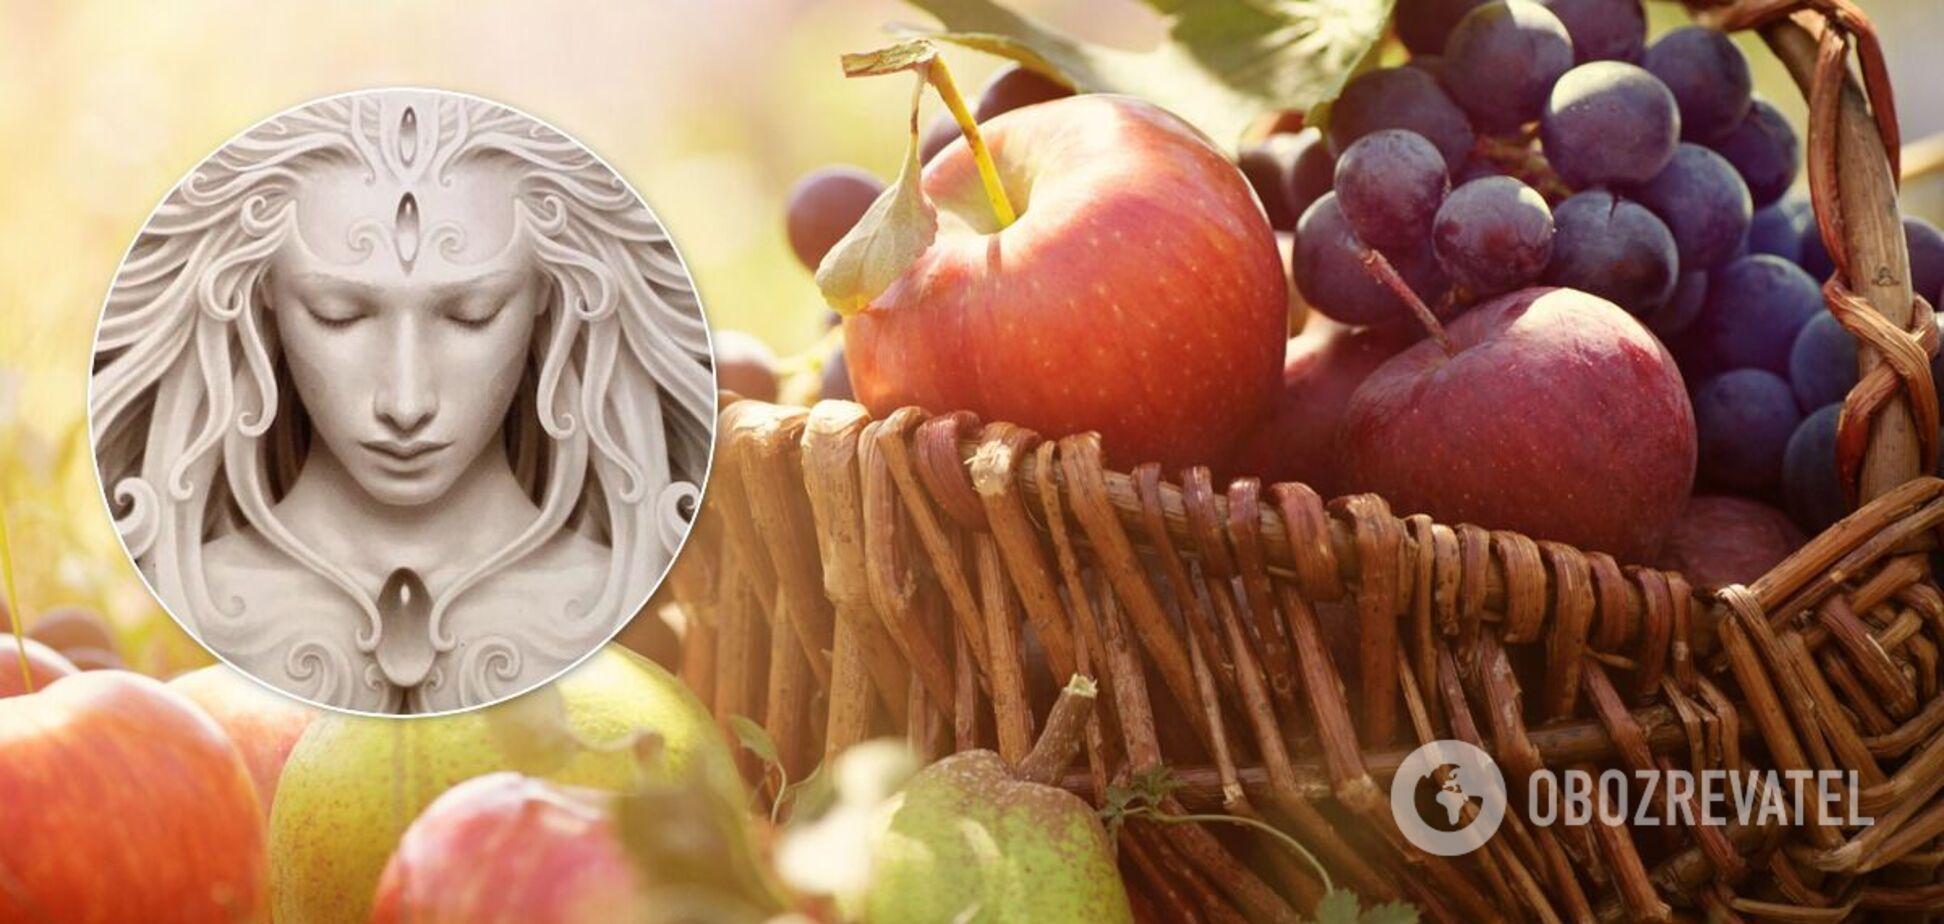 На Спаса 19 августа можно исполнить желания и получить защиту – астролог